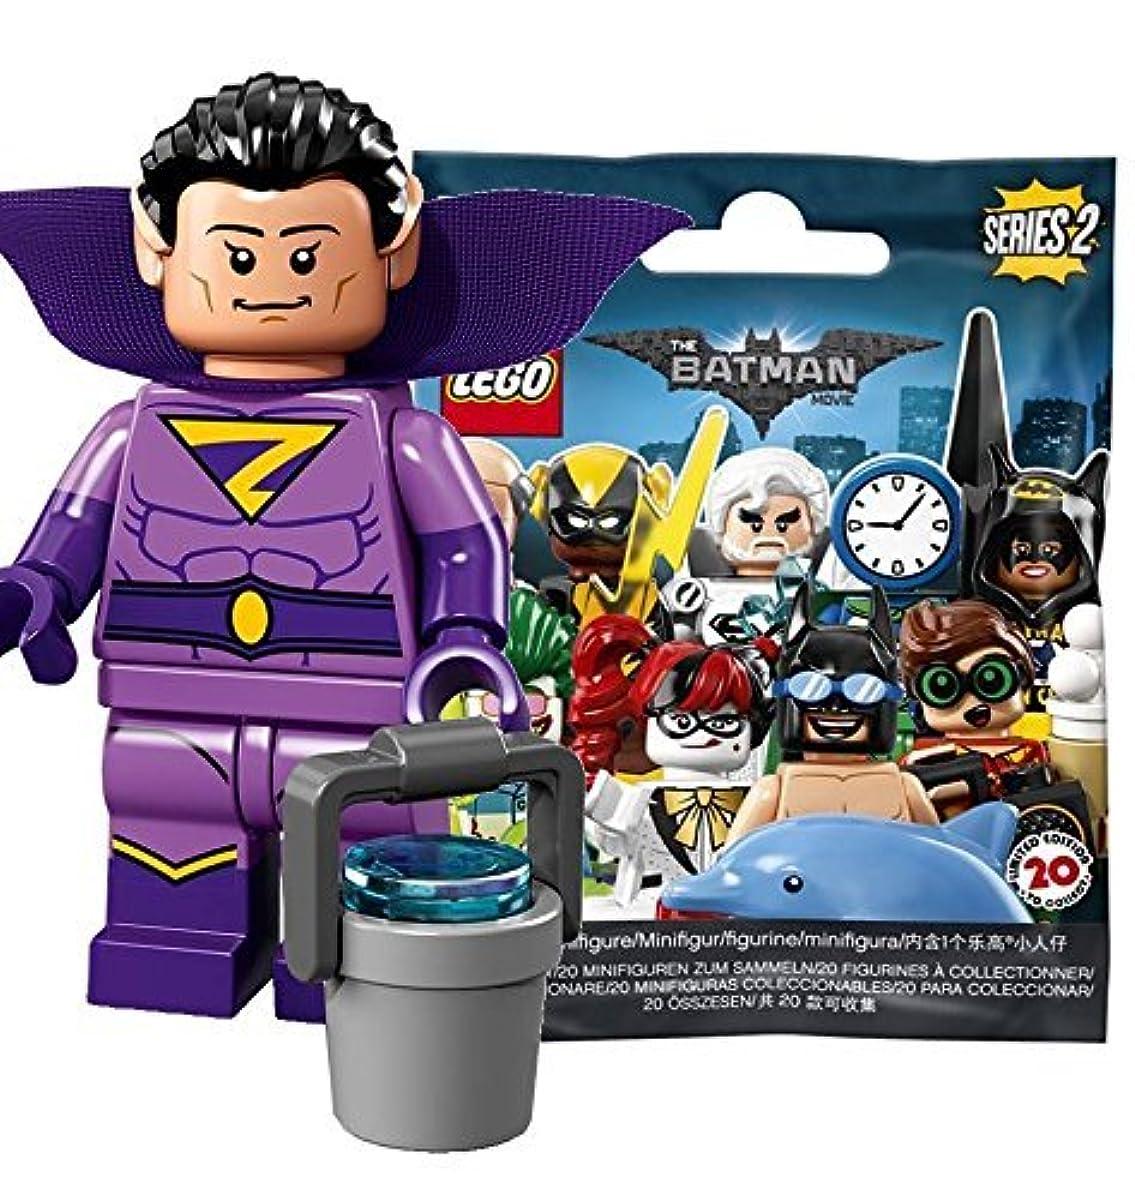 [해외] 레고(LEGO)미니 피규어 더 레고 배트맨 무비 시리즈2 원더 트윈 더― 미개봉품 |THE LEGO BATMAN MOVIE SERIES 2 WONDER TWIN(ZAN) 【71020-14】